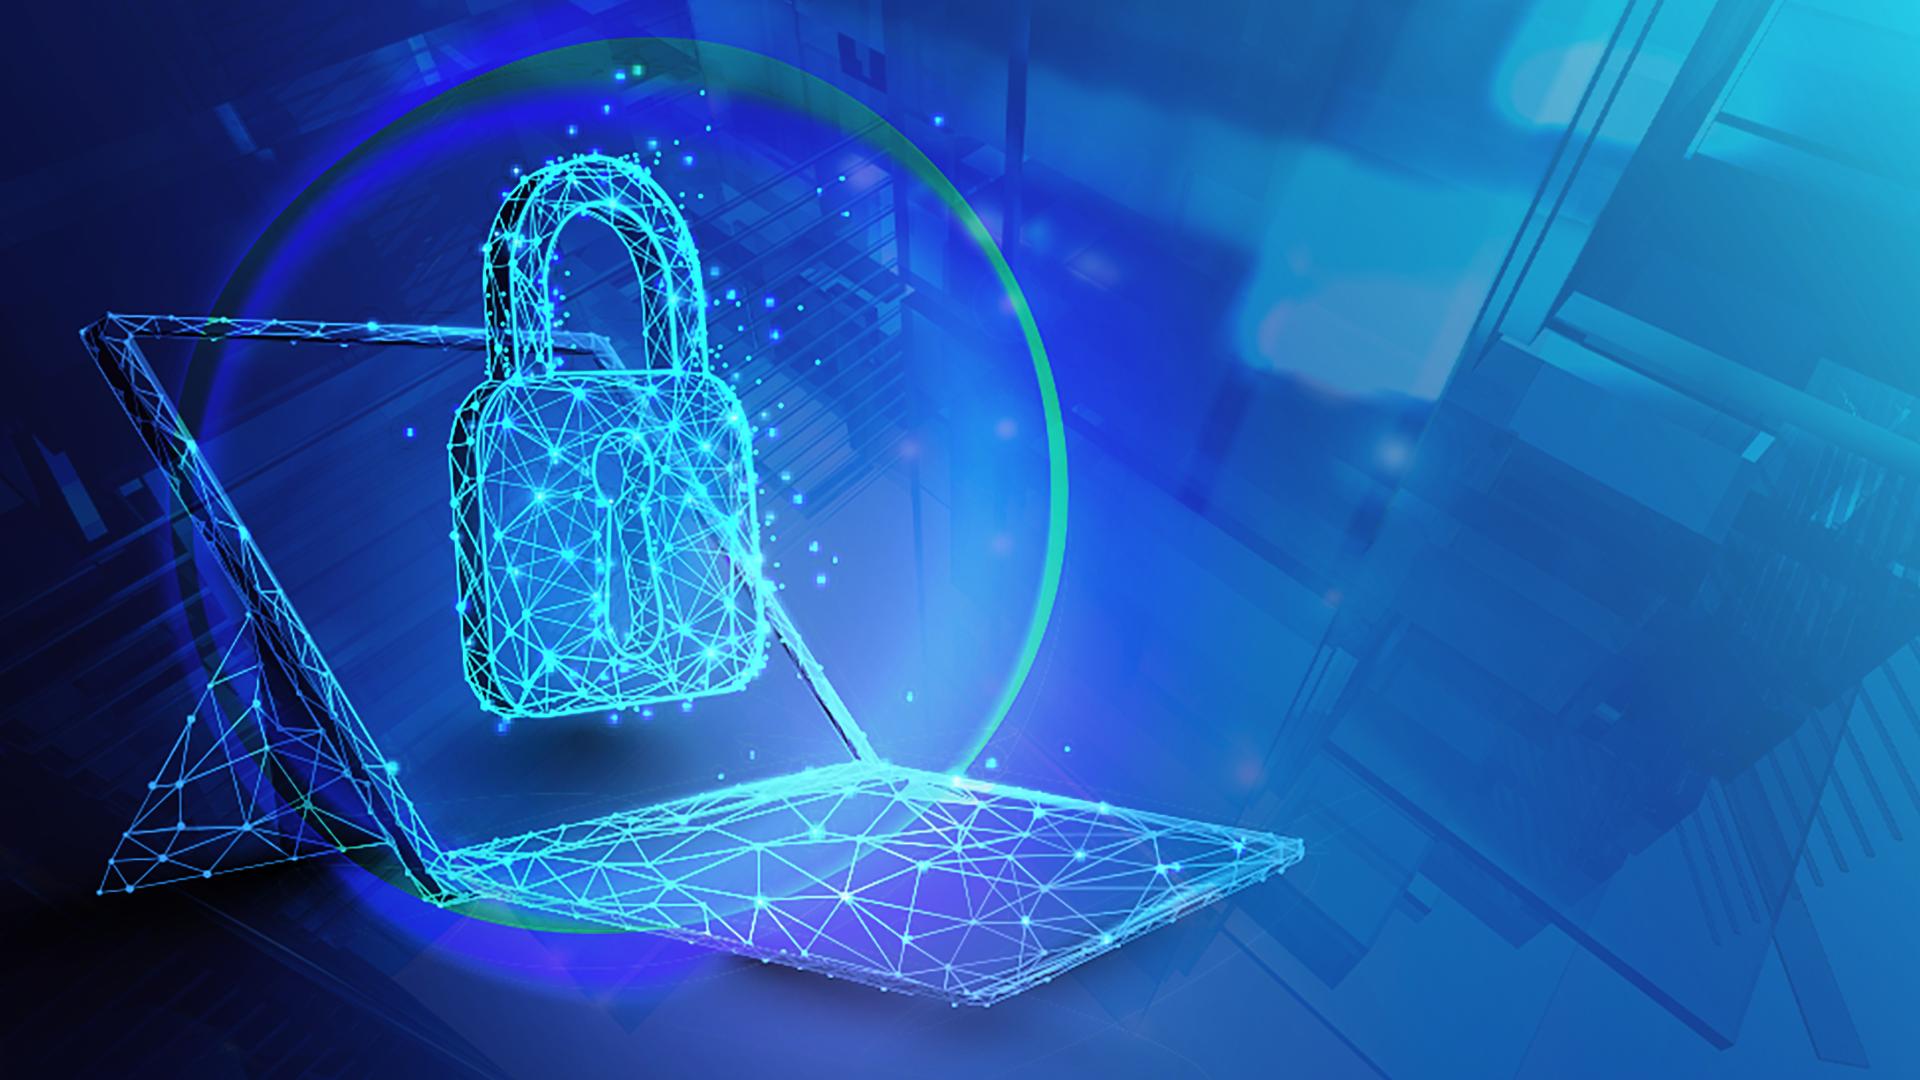 Internet, Sicherheit, Laptop, Verschlüsselung, Kryptographie, Schlüssel, Ende-zu-Ende-Verschlüsselung, schloss, Absicherung, Verschlüsselungssoftware, Kryptografie